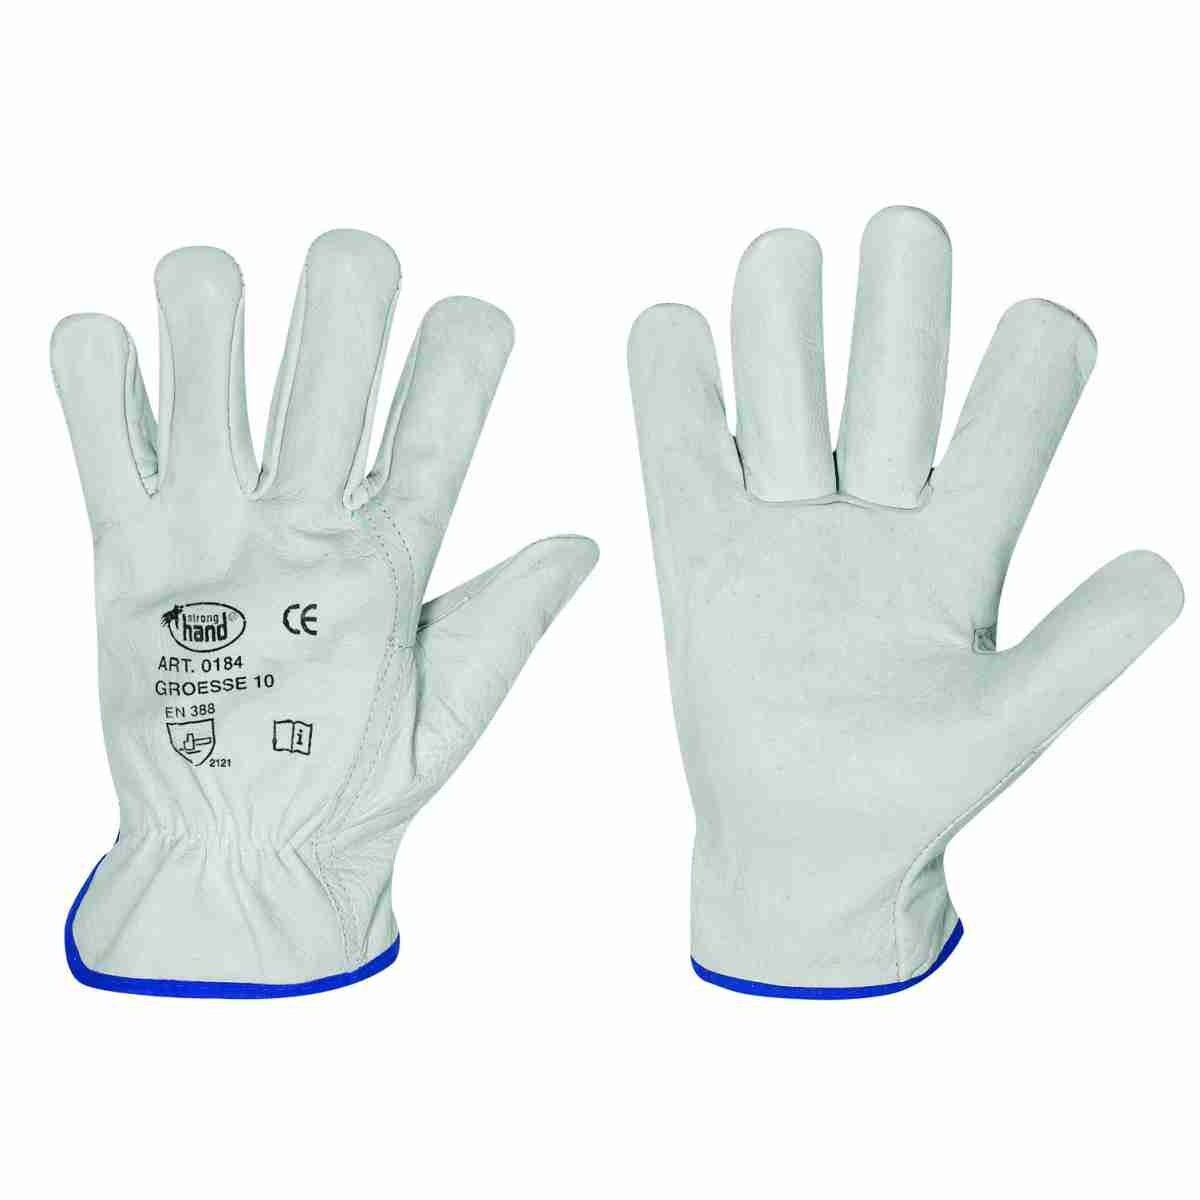 Driver Handschuhe 12 Paar Rindvollleder Schutzhandschuhe Stronghand